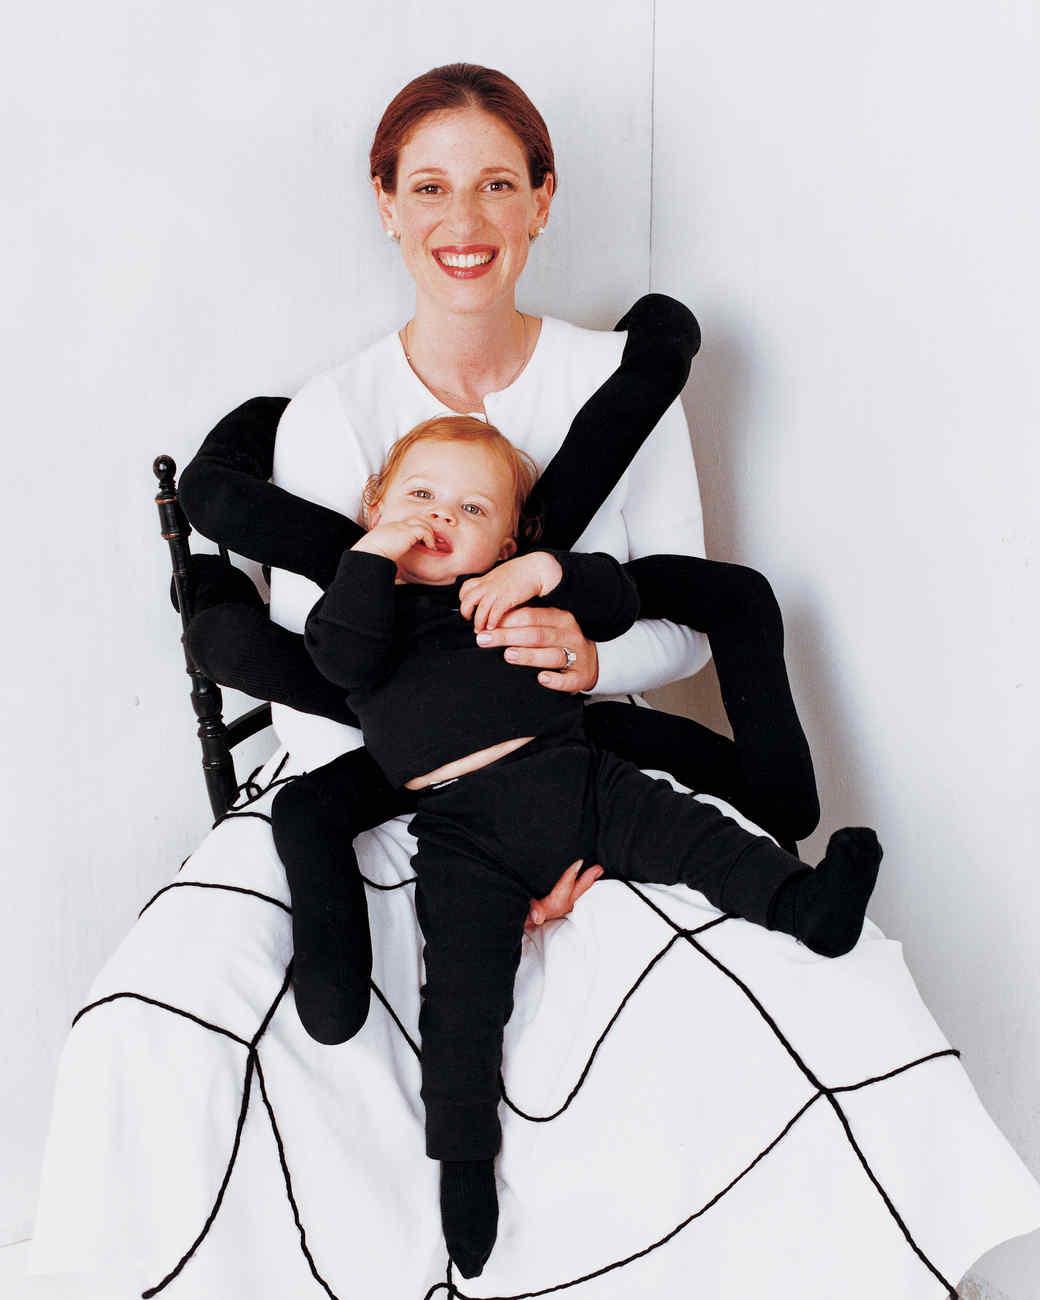 sc 1 st  Martha Stewart & Spiderweb Mother and Sock Spider Baby Costume   Martha Stewart